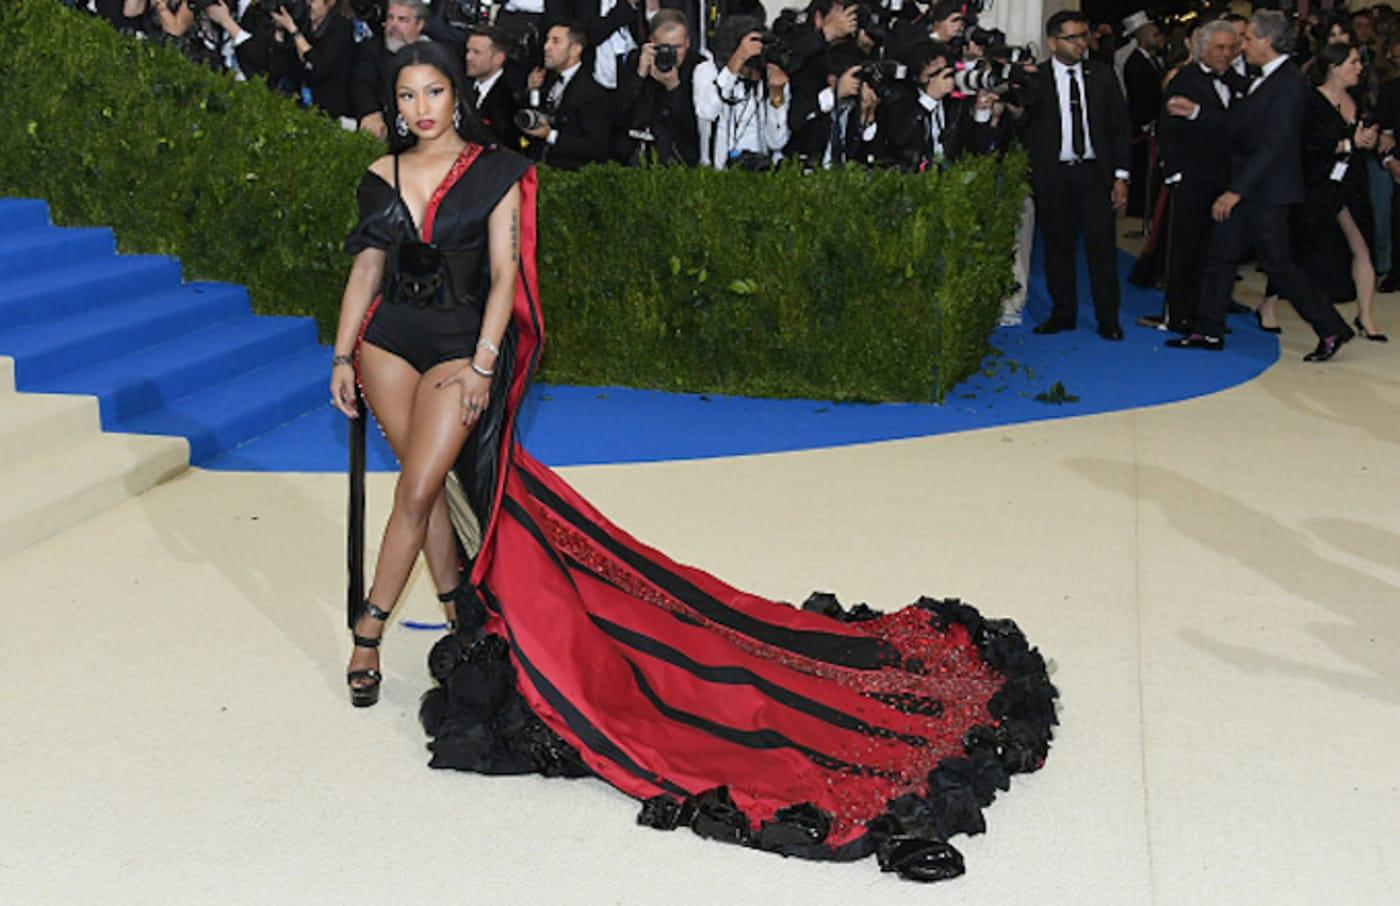 Nicki Minaj attends the \Costume Institute Gala